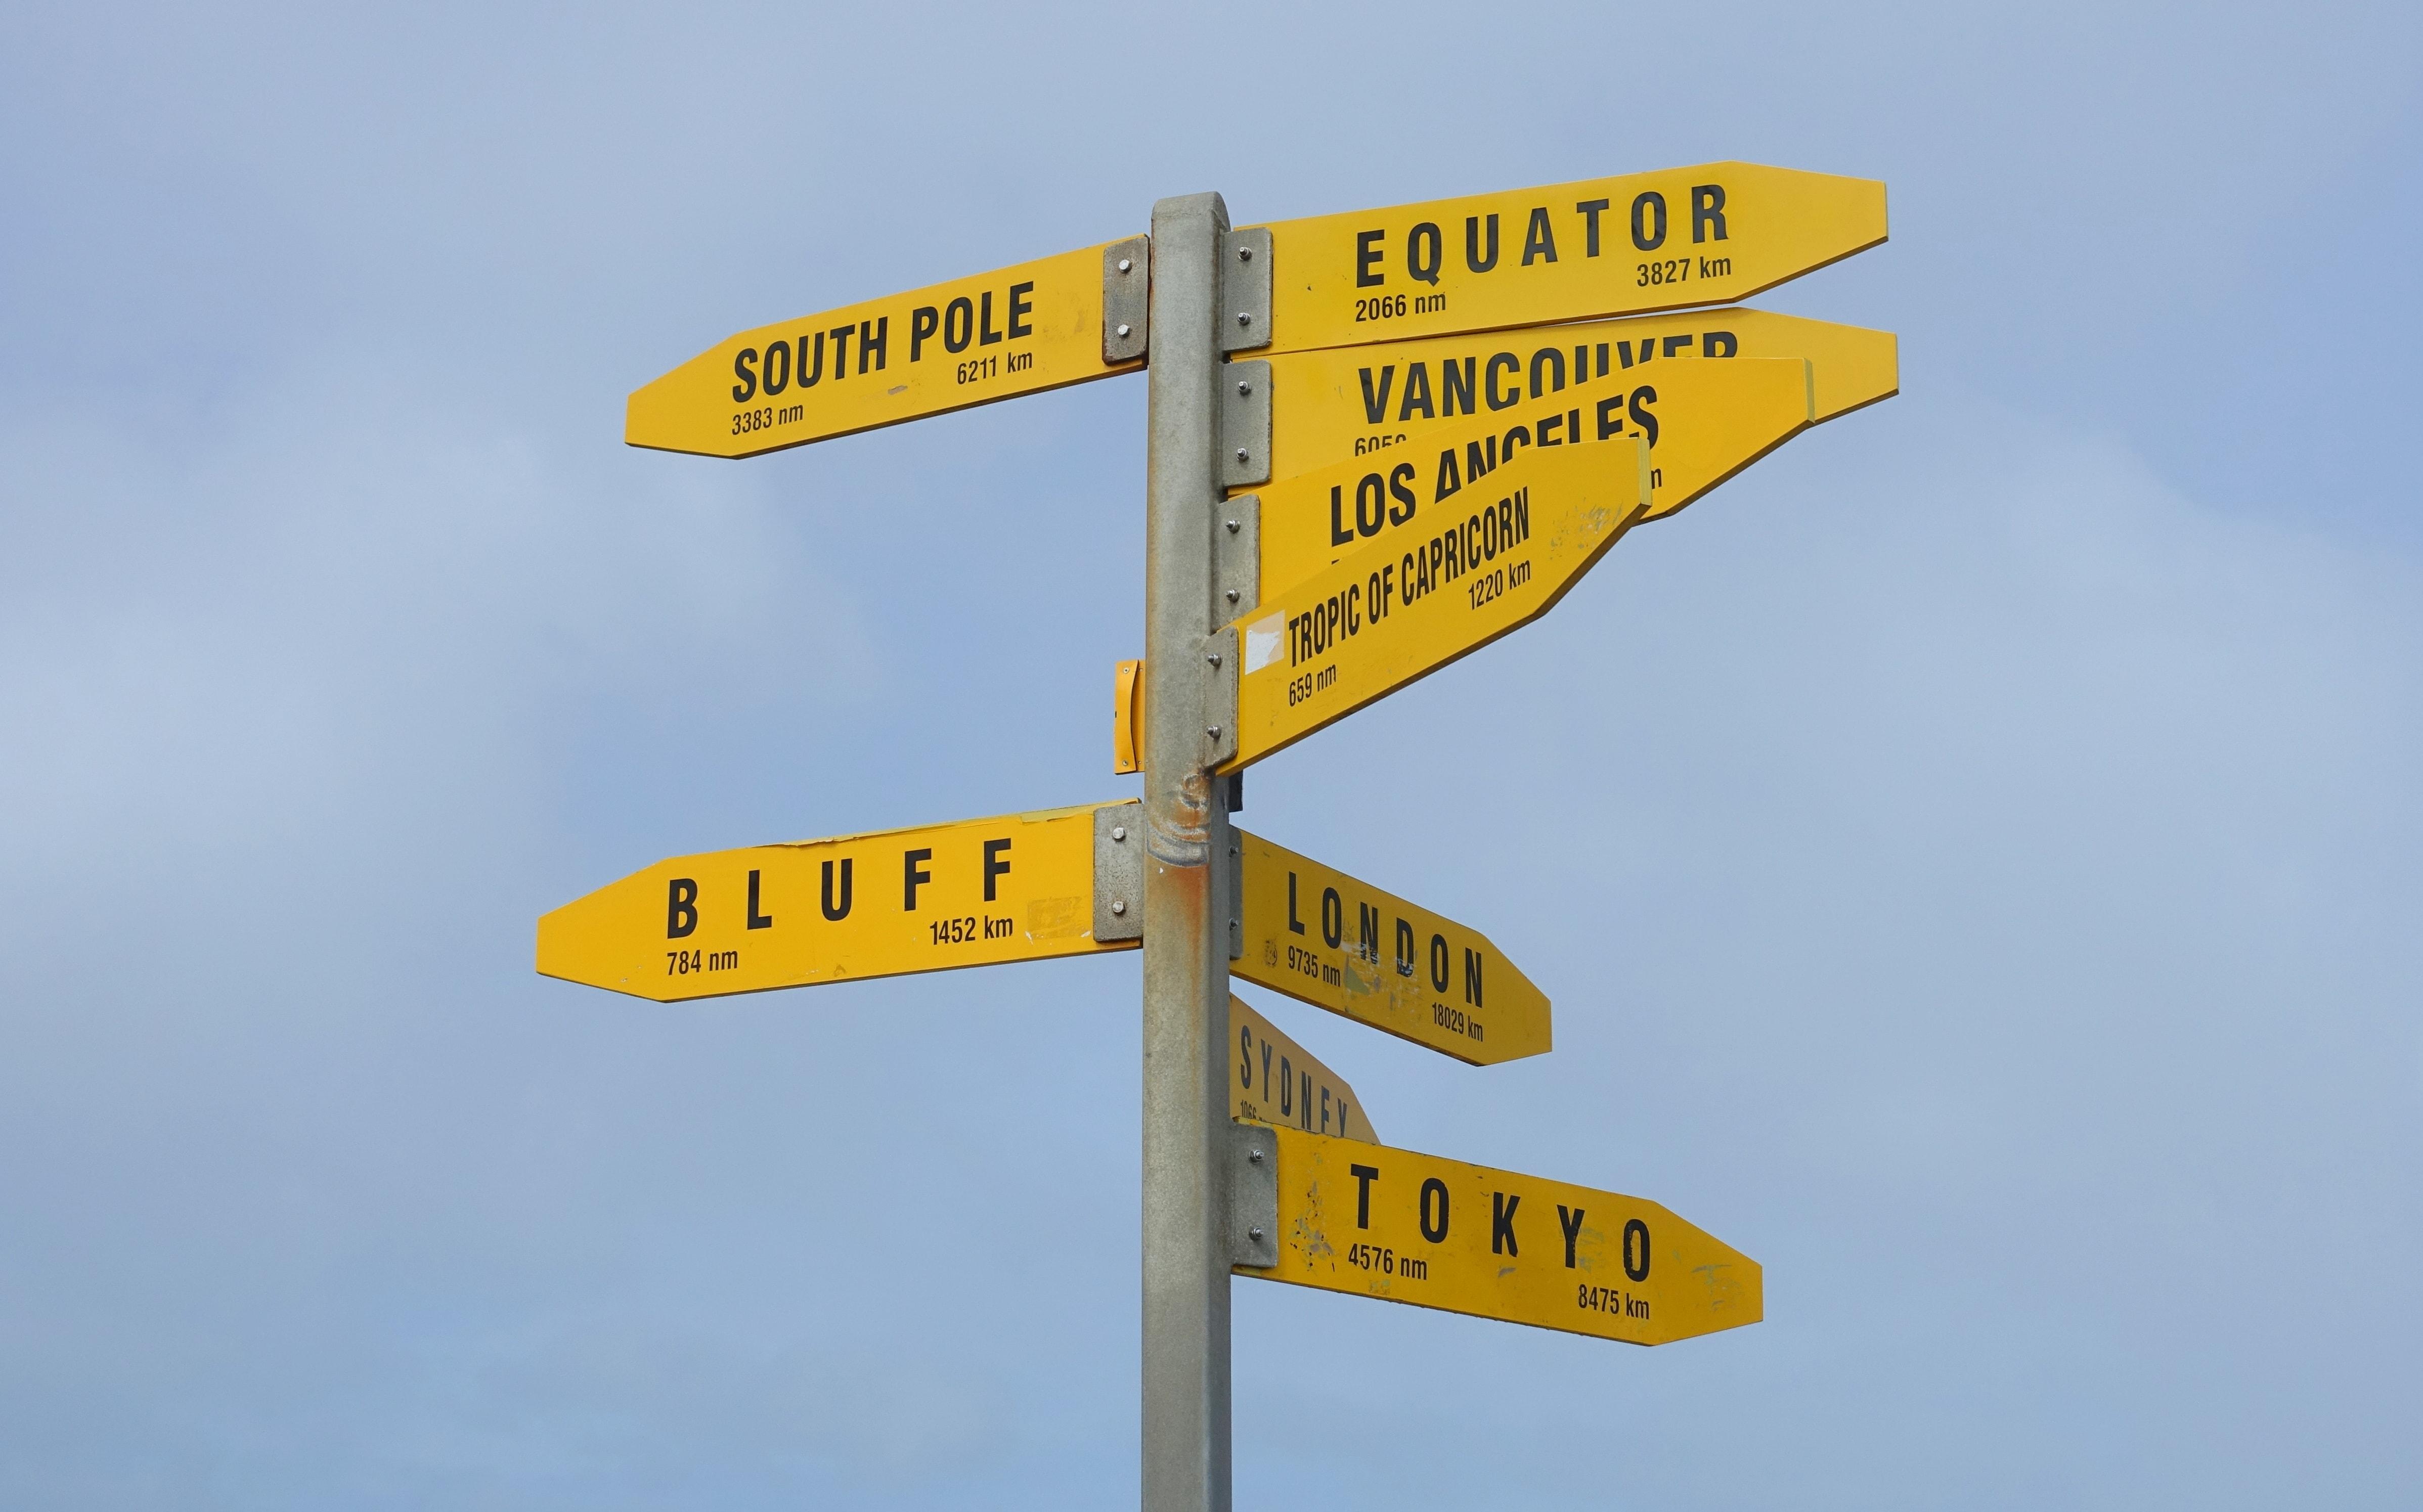 Ein Wegweiser am Cape Reinga in Neuseeland zeigt die Entfernung zu verschiedenen Orten in der Welt an.